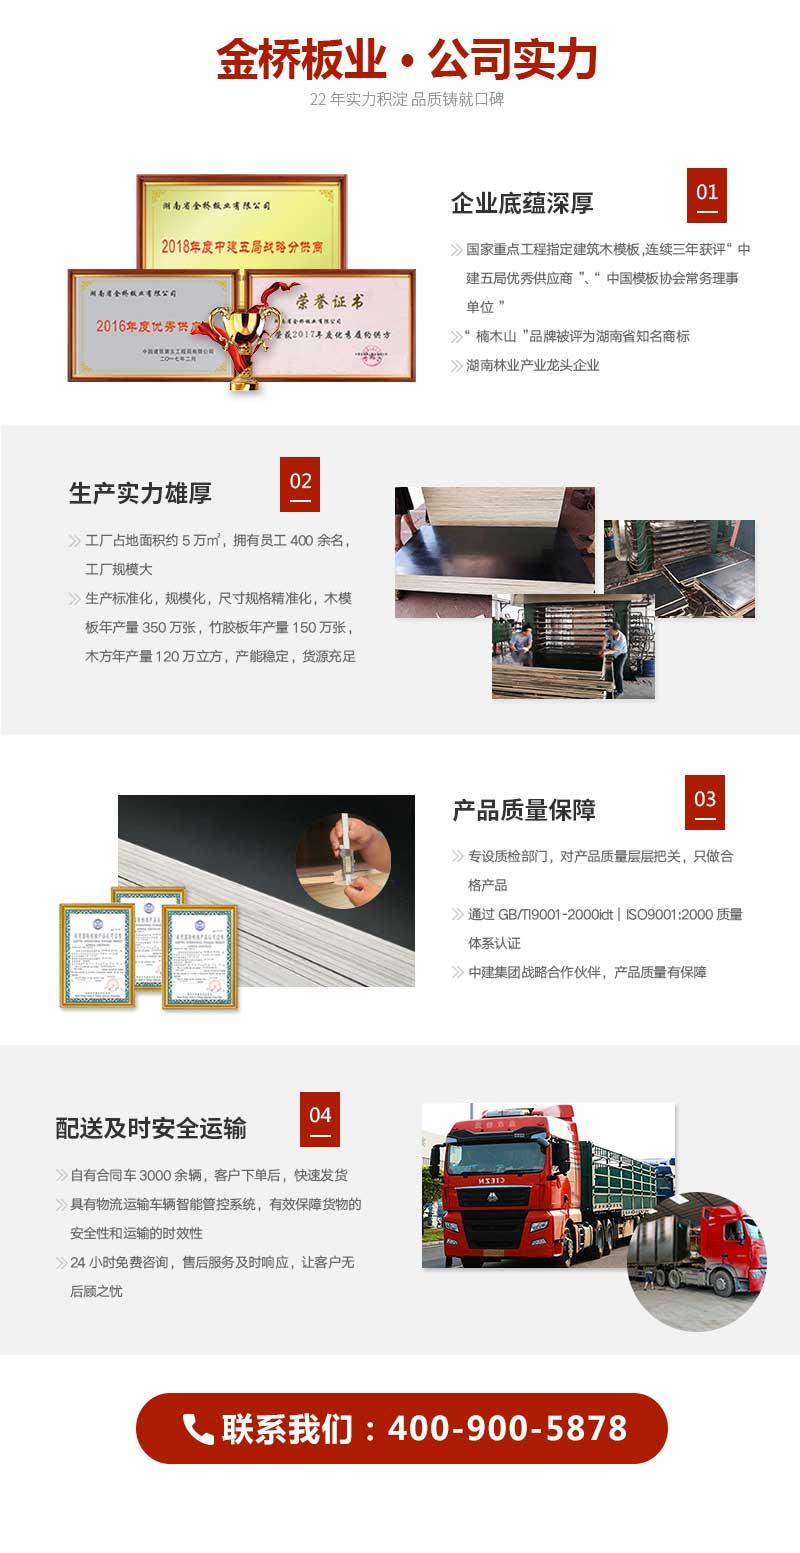 清水模板1.83*0.915*1.4金桥板业公司实力